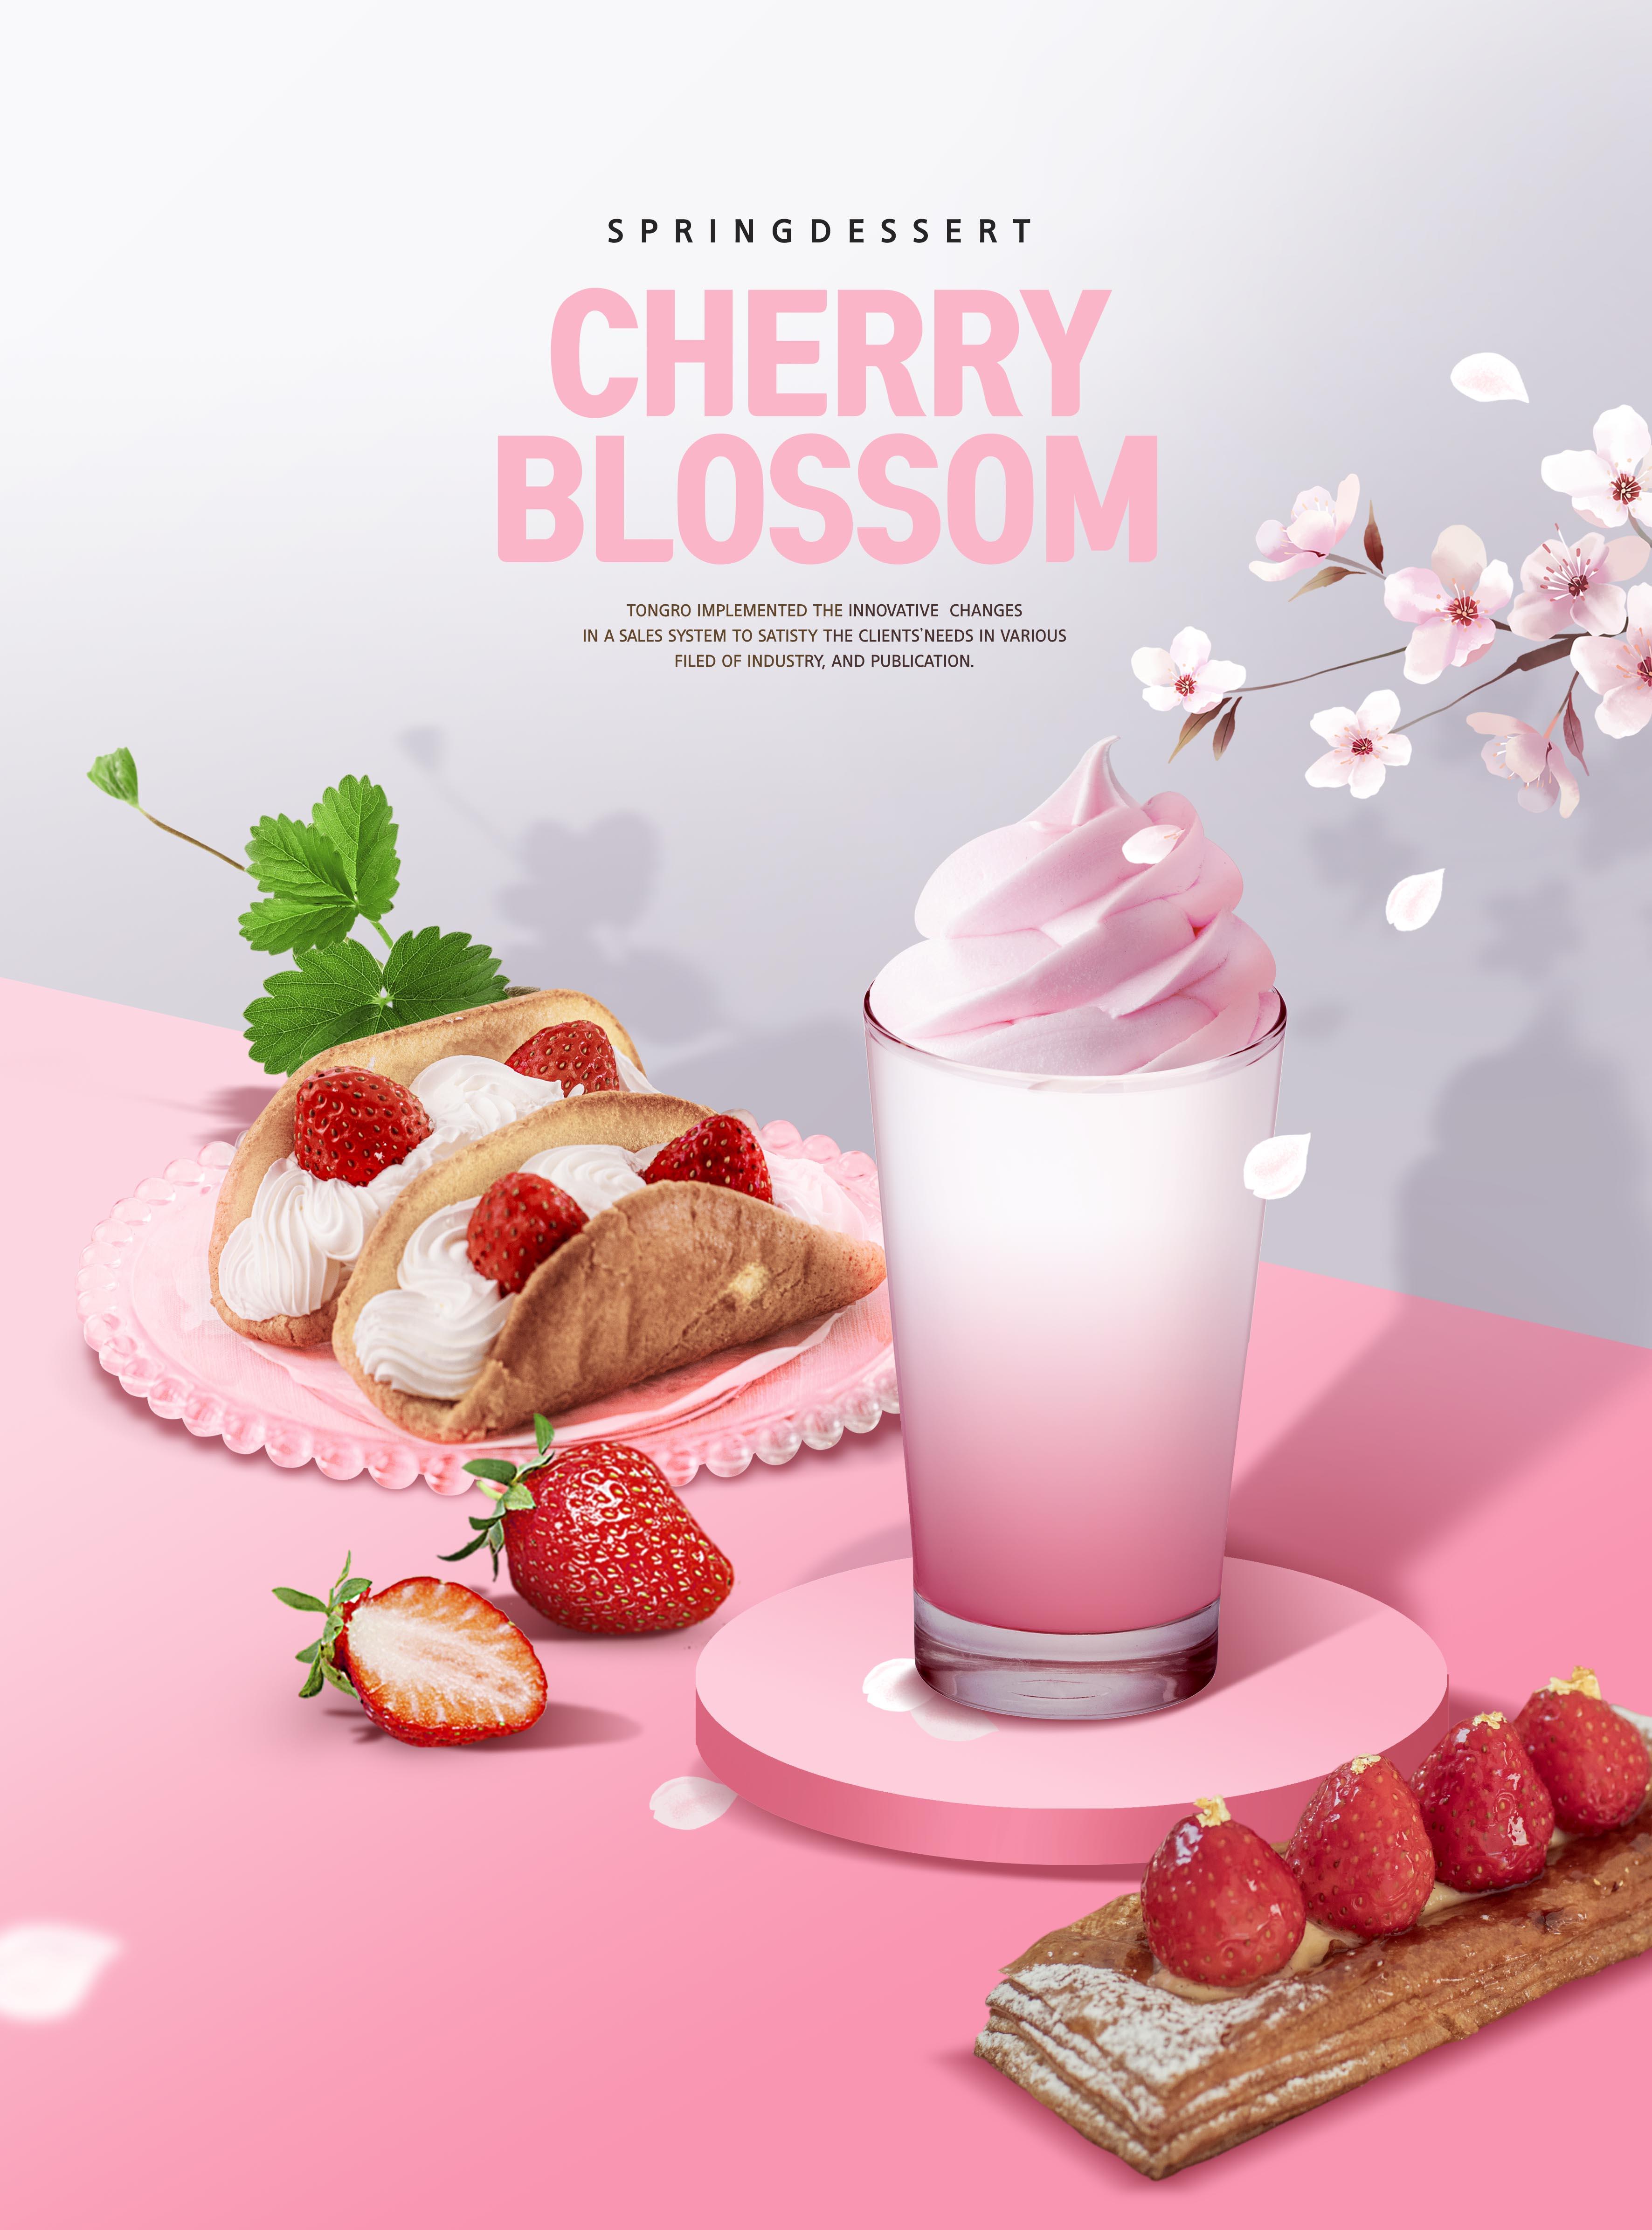 10款奶茶甜品美食蛋糕下午茶传单海报设计PSD素材 Food Poster PSD Template插图9